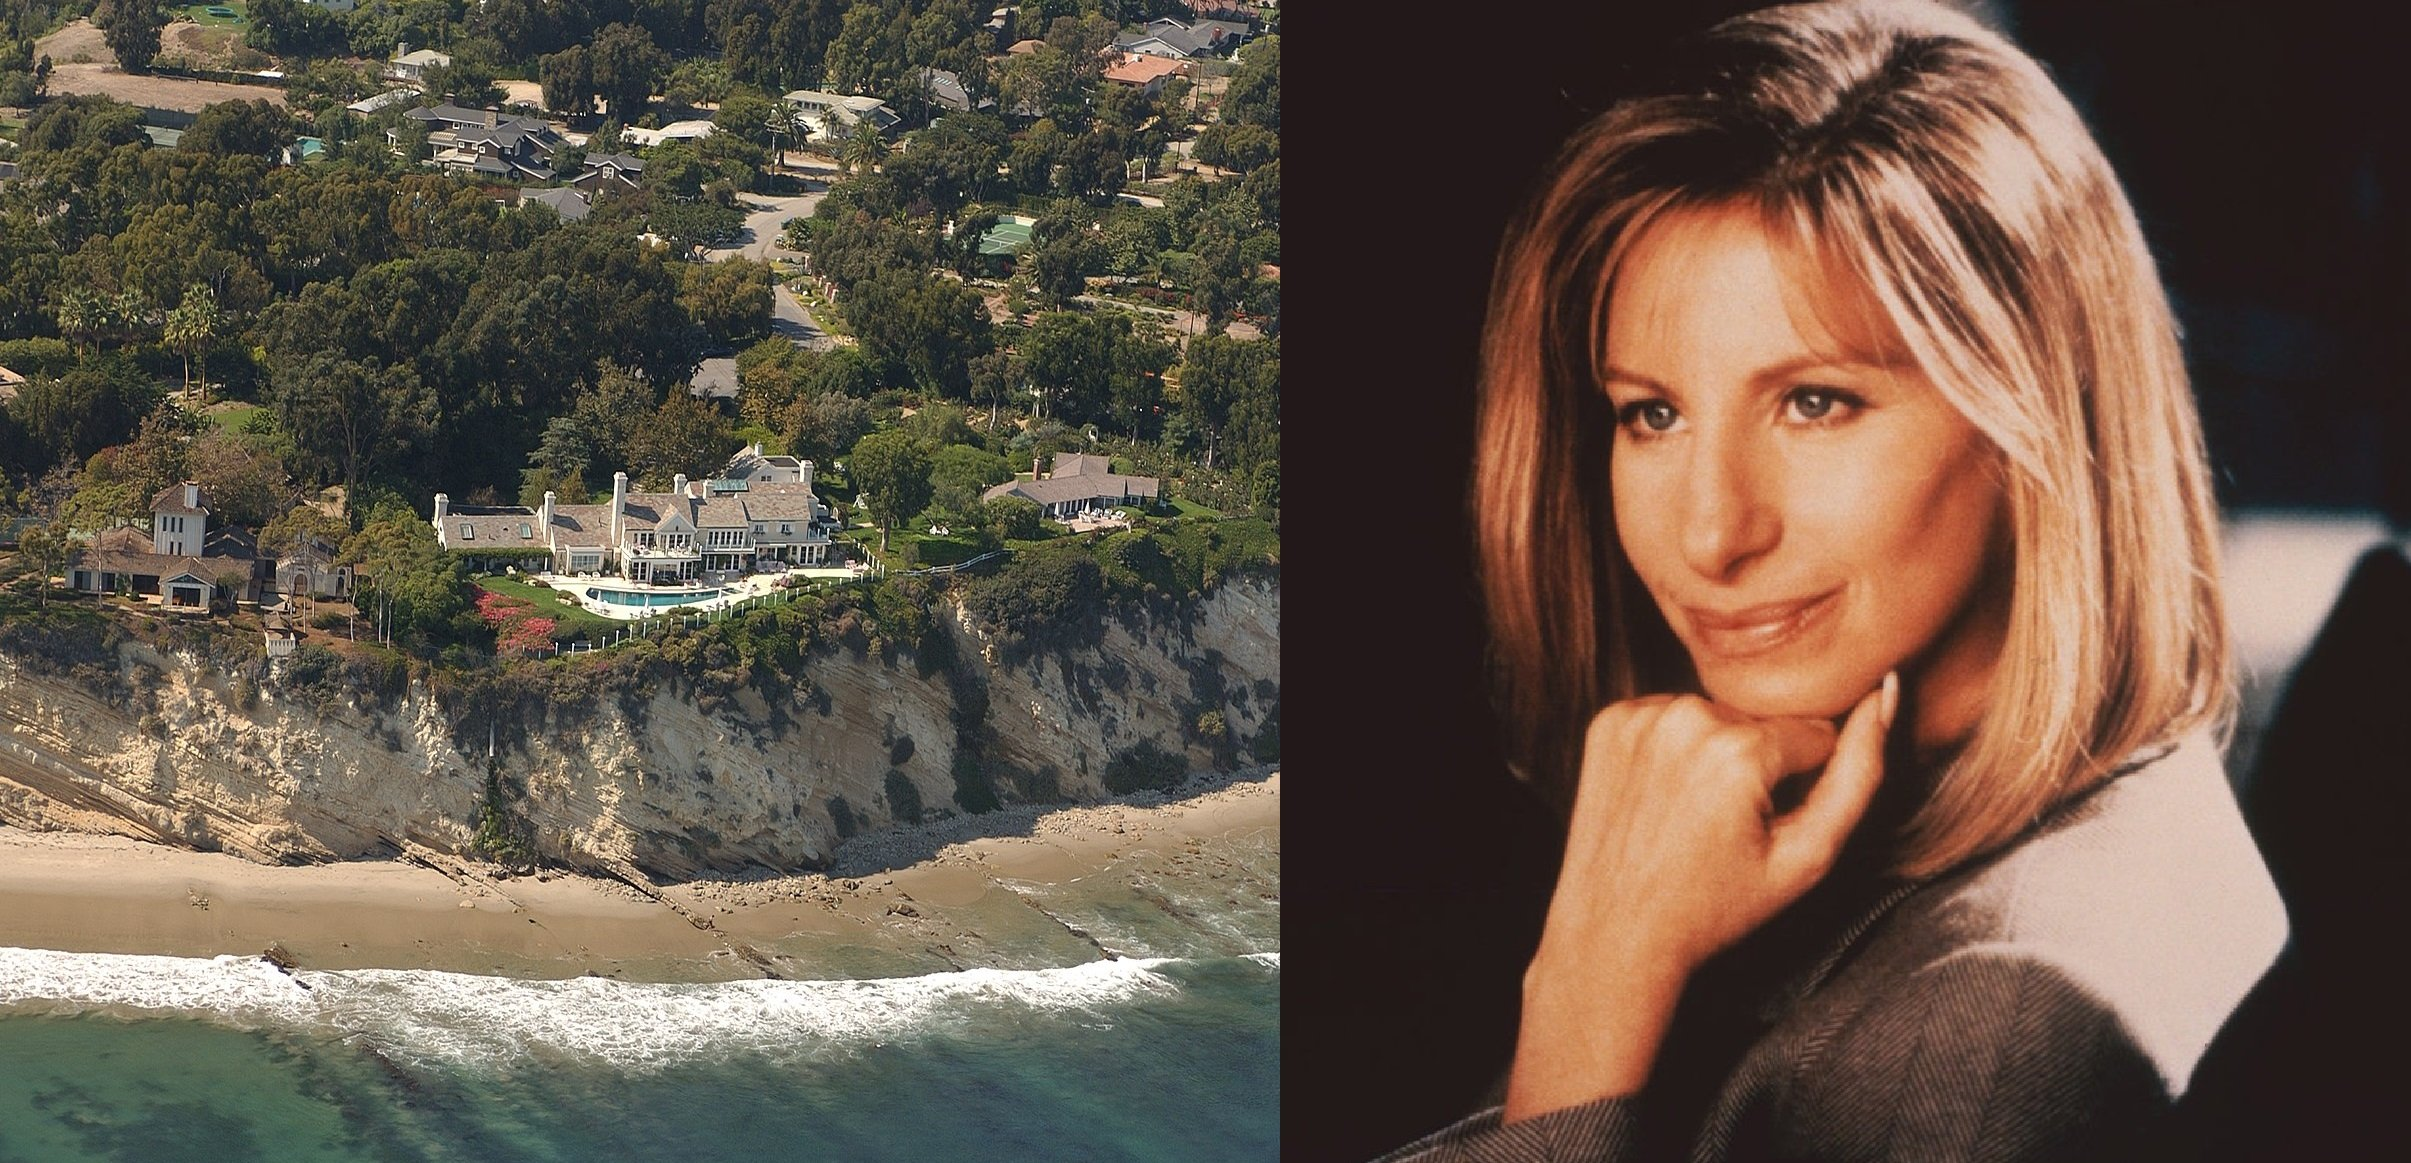 Efekt Barbry Streisand: Když chcete něco skrýt, nesmíte to zakázat!